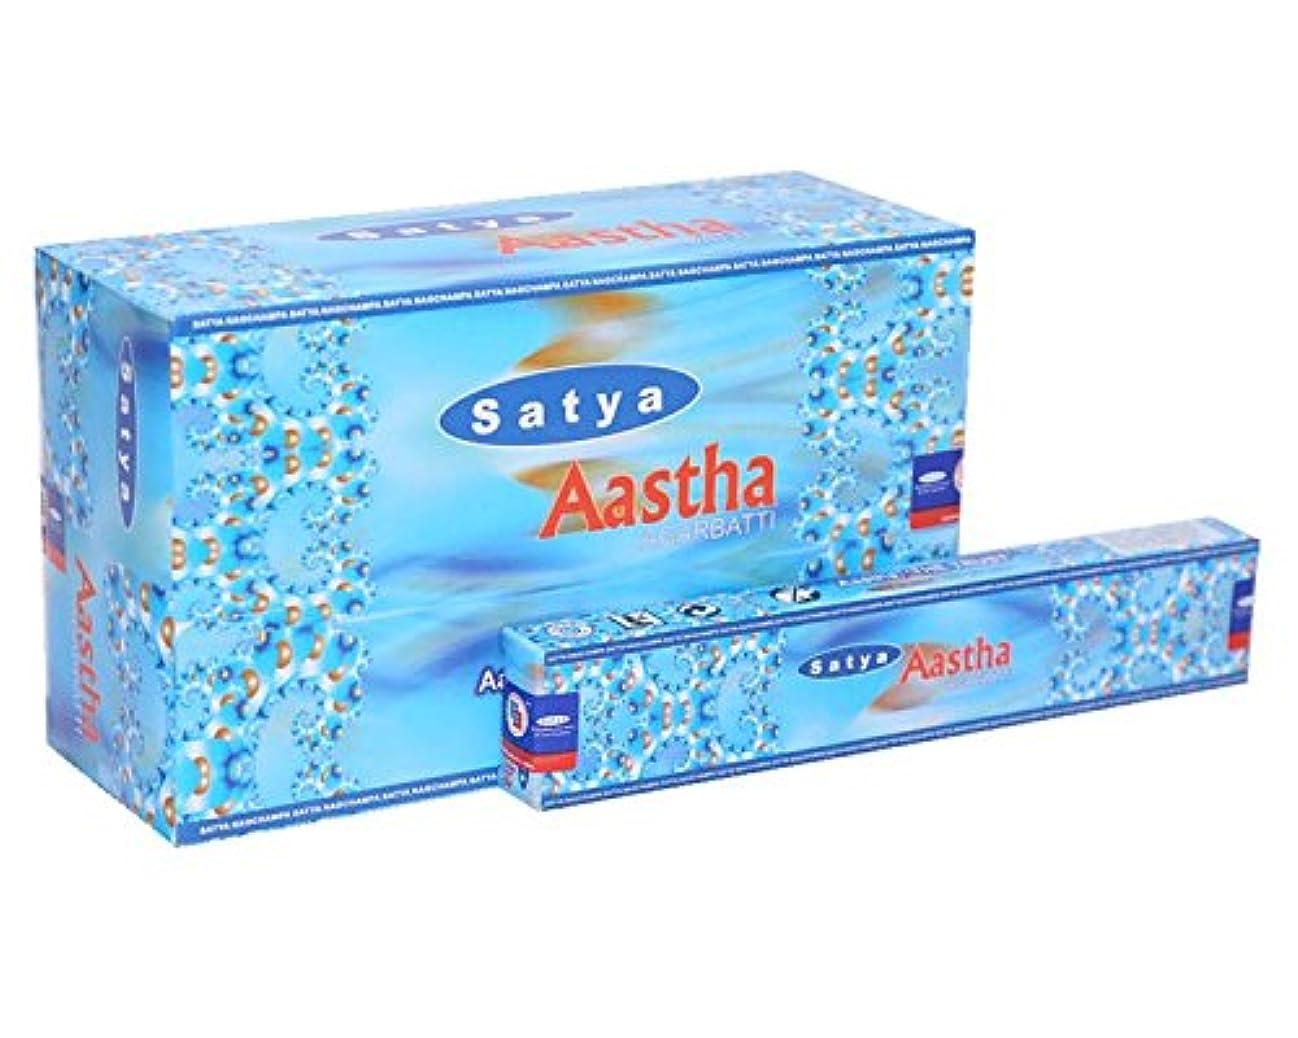 五月貯水池栄光Satya Aastha Incense Sticksボックス15グラムパック、12カウントin aボックス